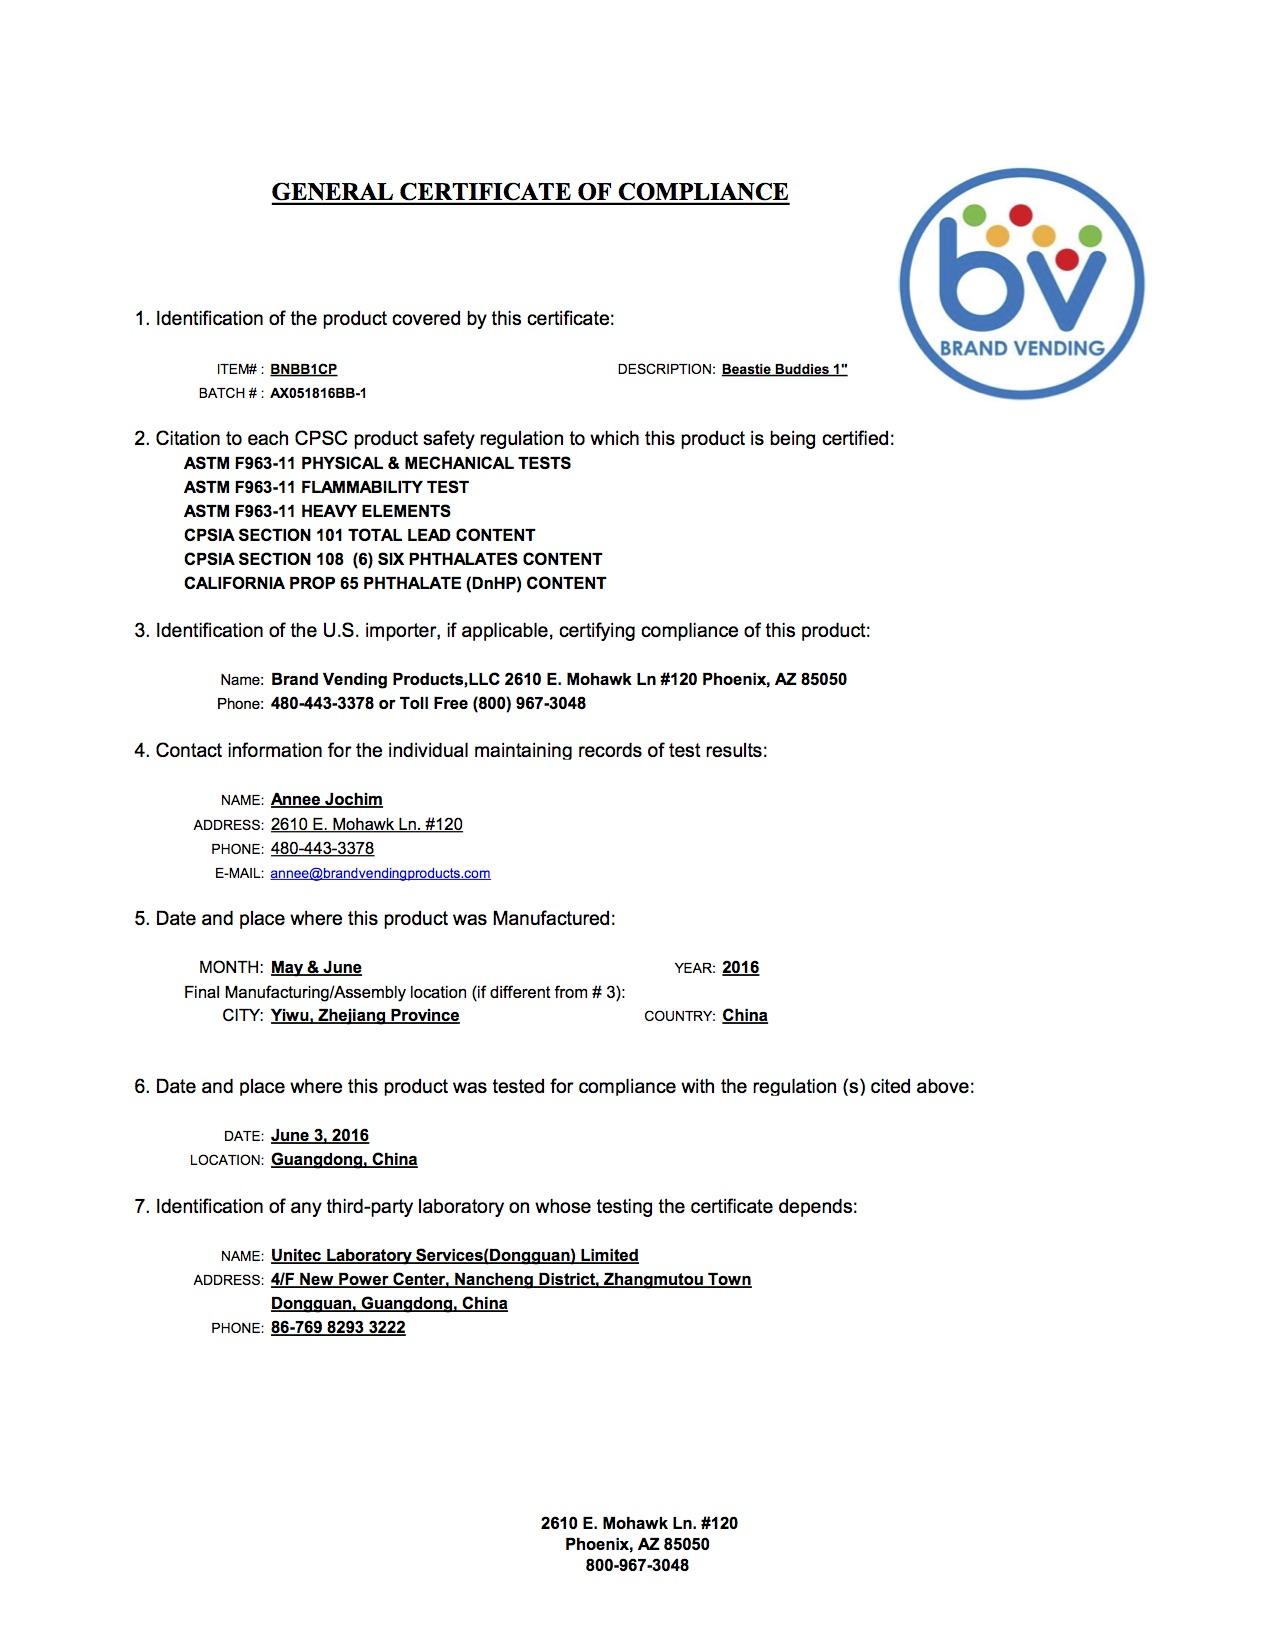 Beastie Buddies AX051816BB-1